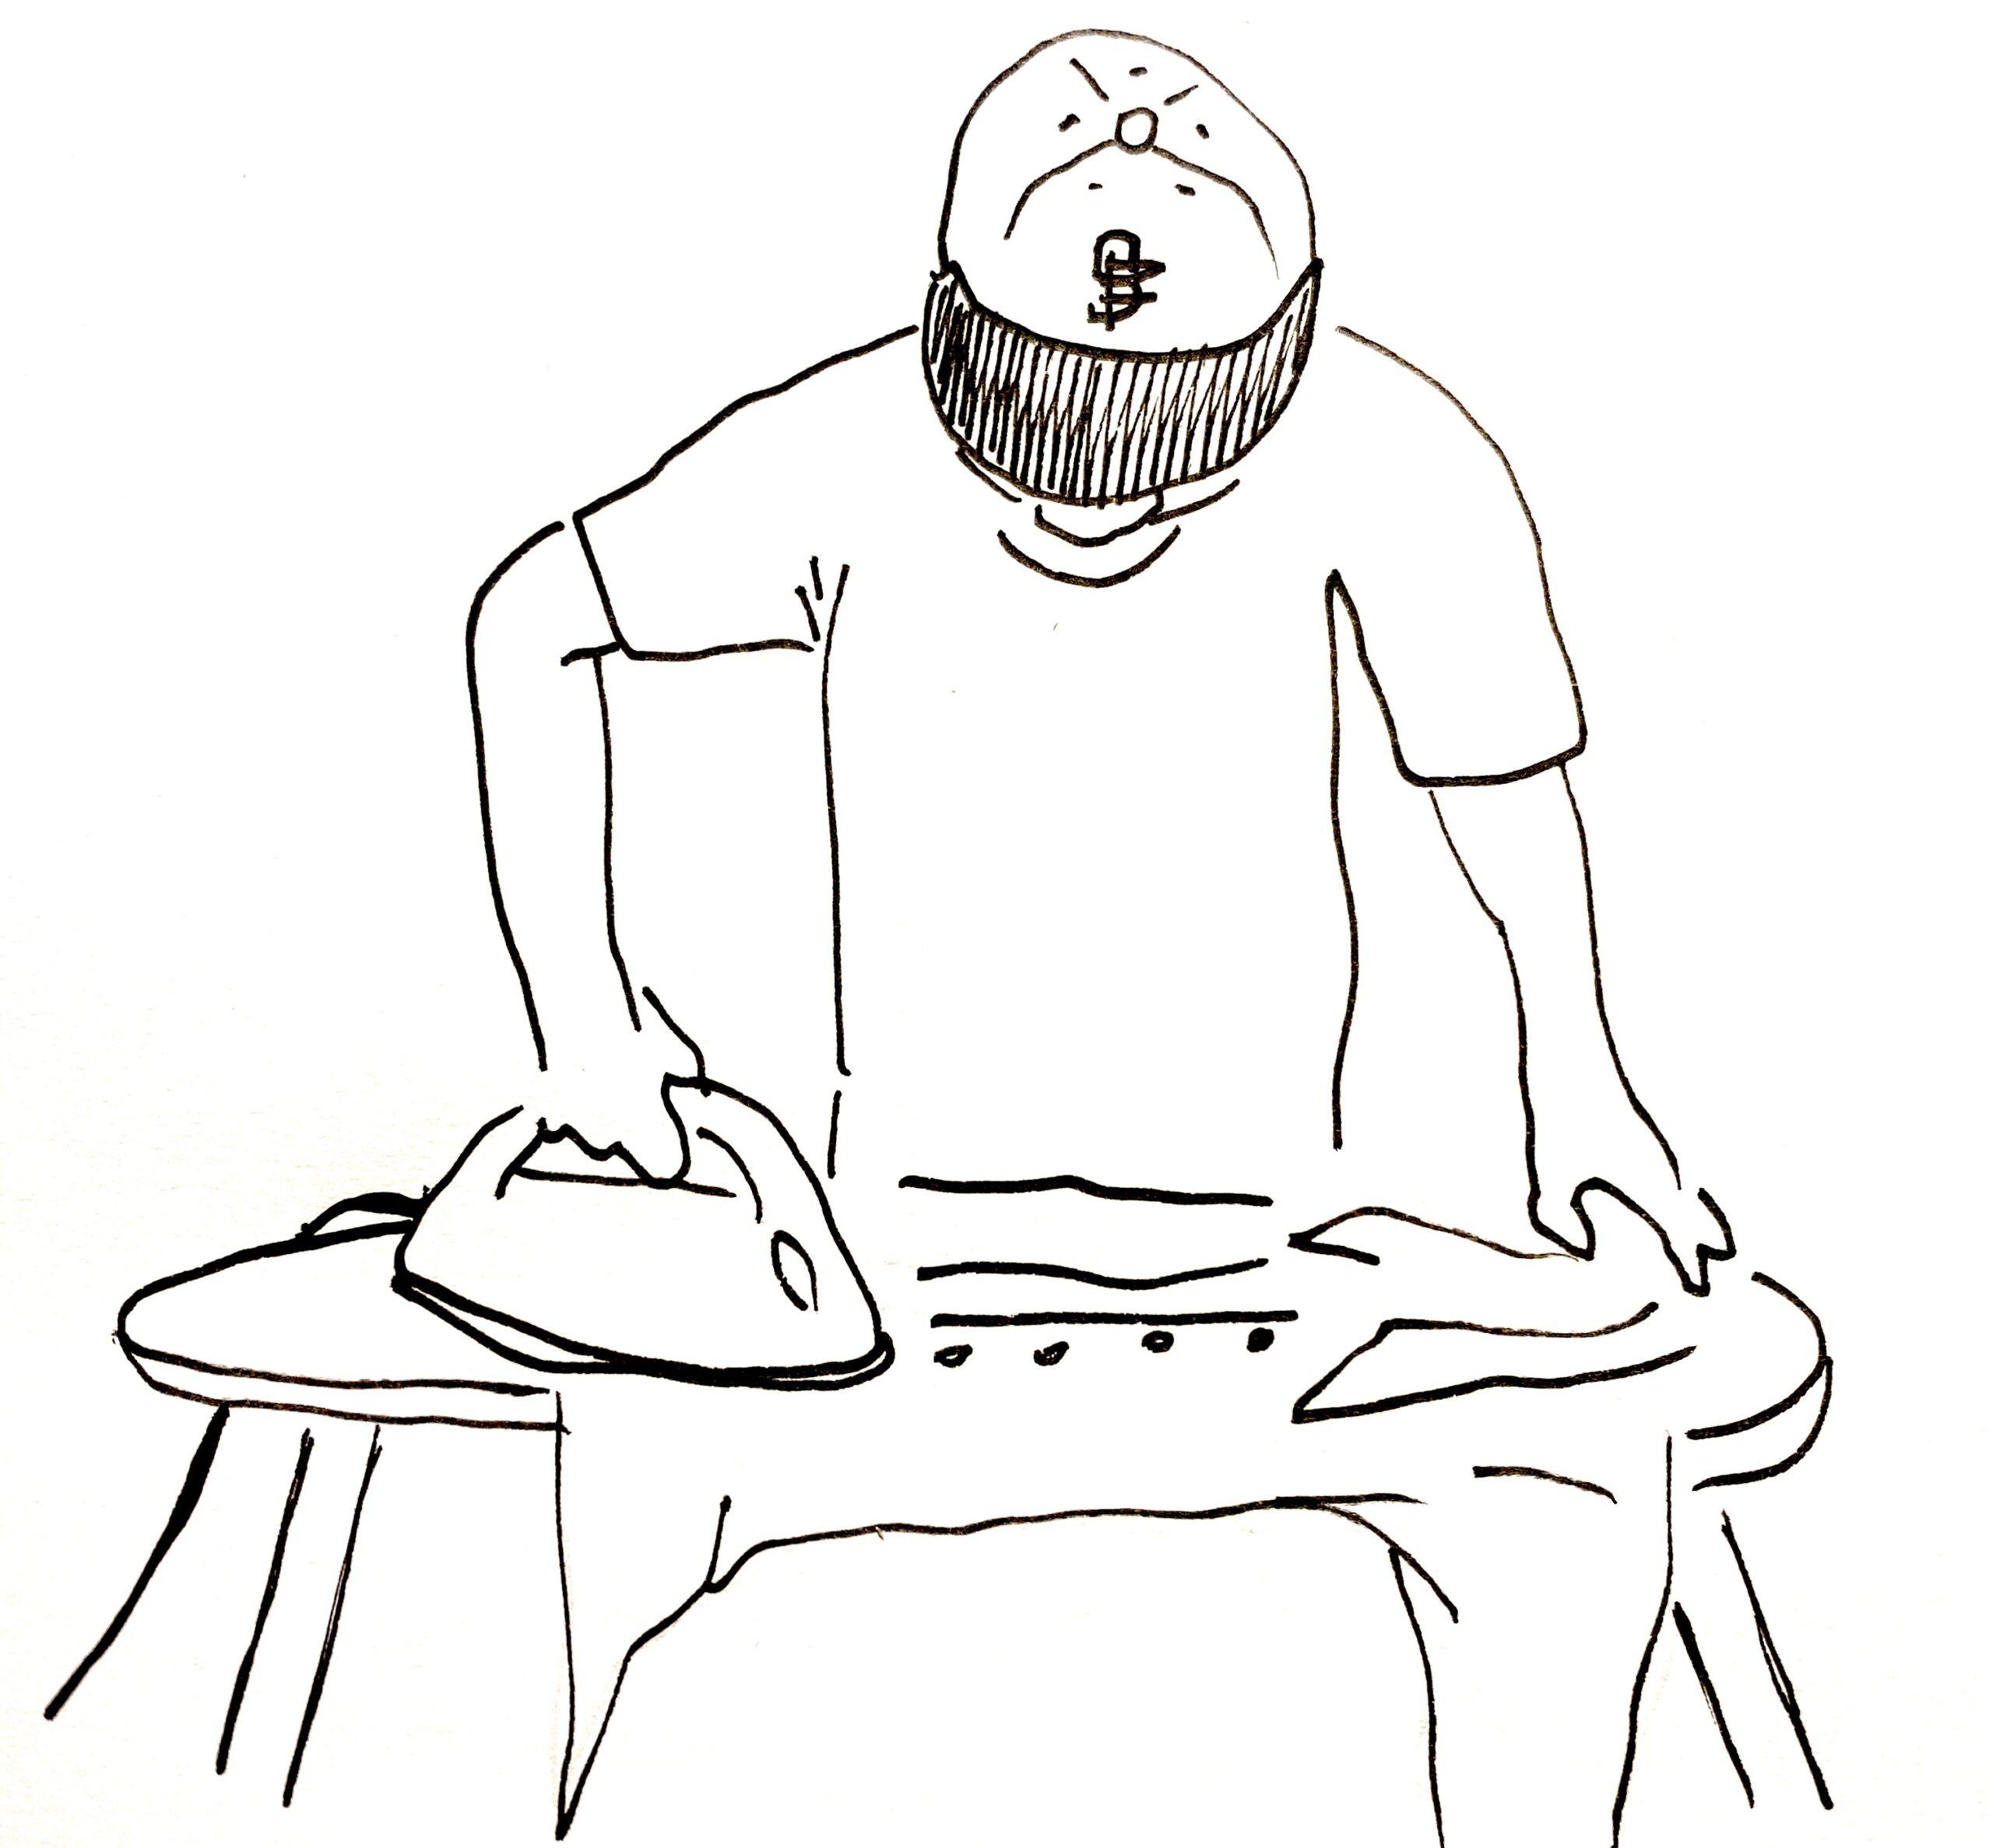 Ironing - Resume